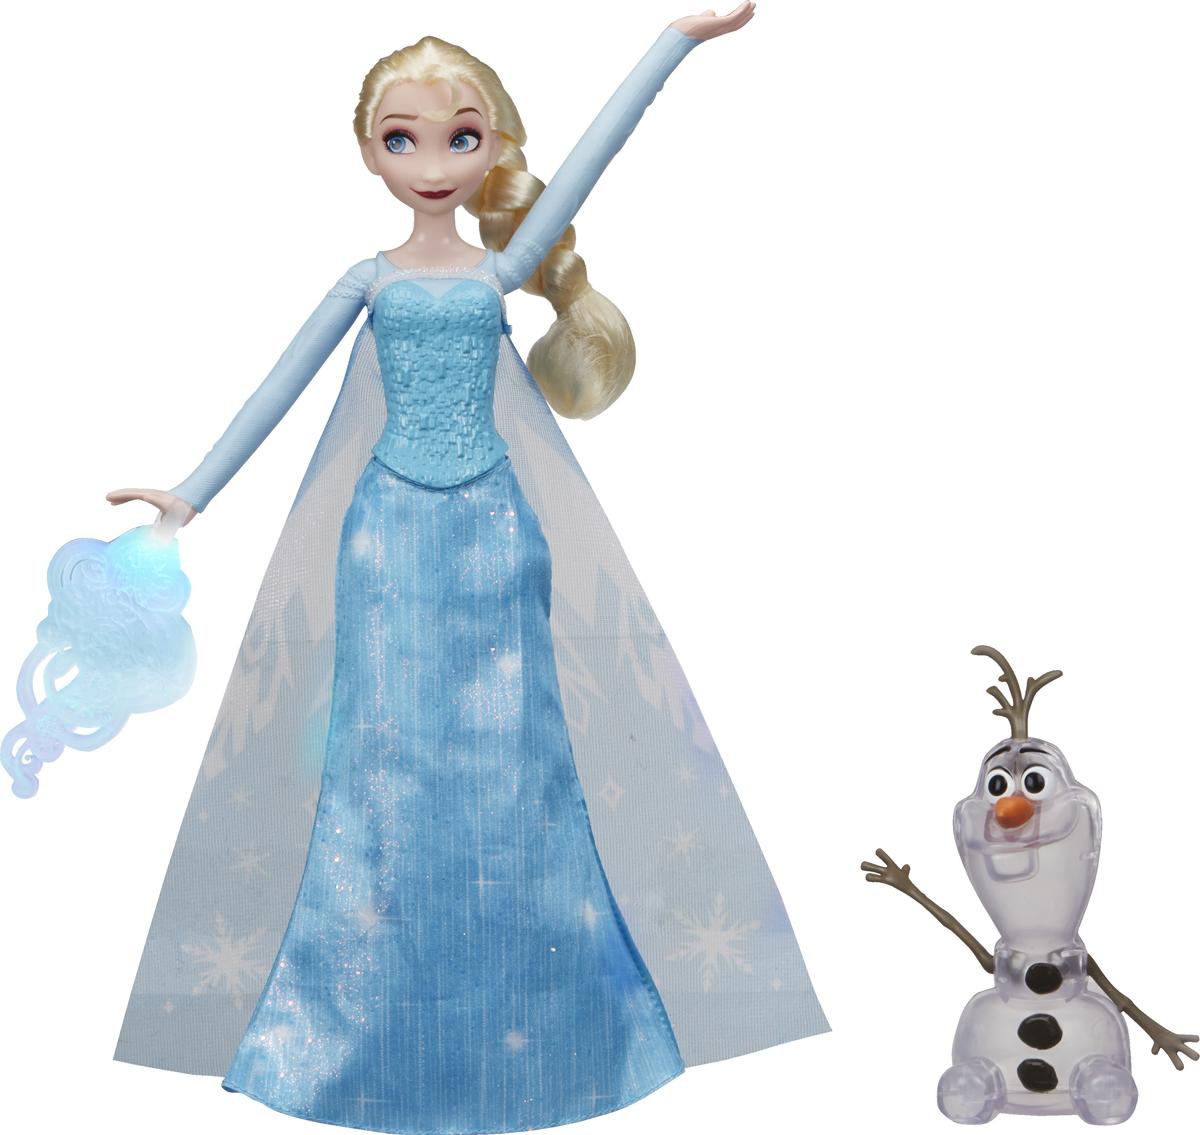 Disney Frozen Игровой набор с куклой Эльза и волшебство disney frozen игровой набор с куклой замок эльзы сделай волшебный снег